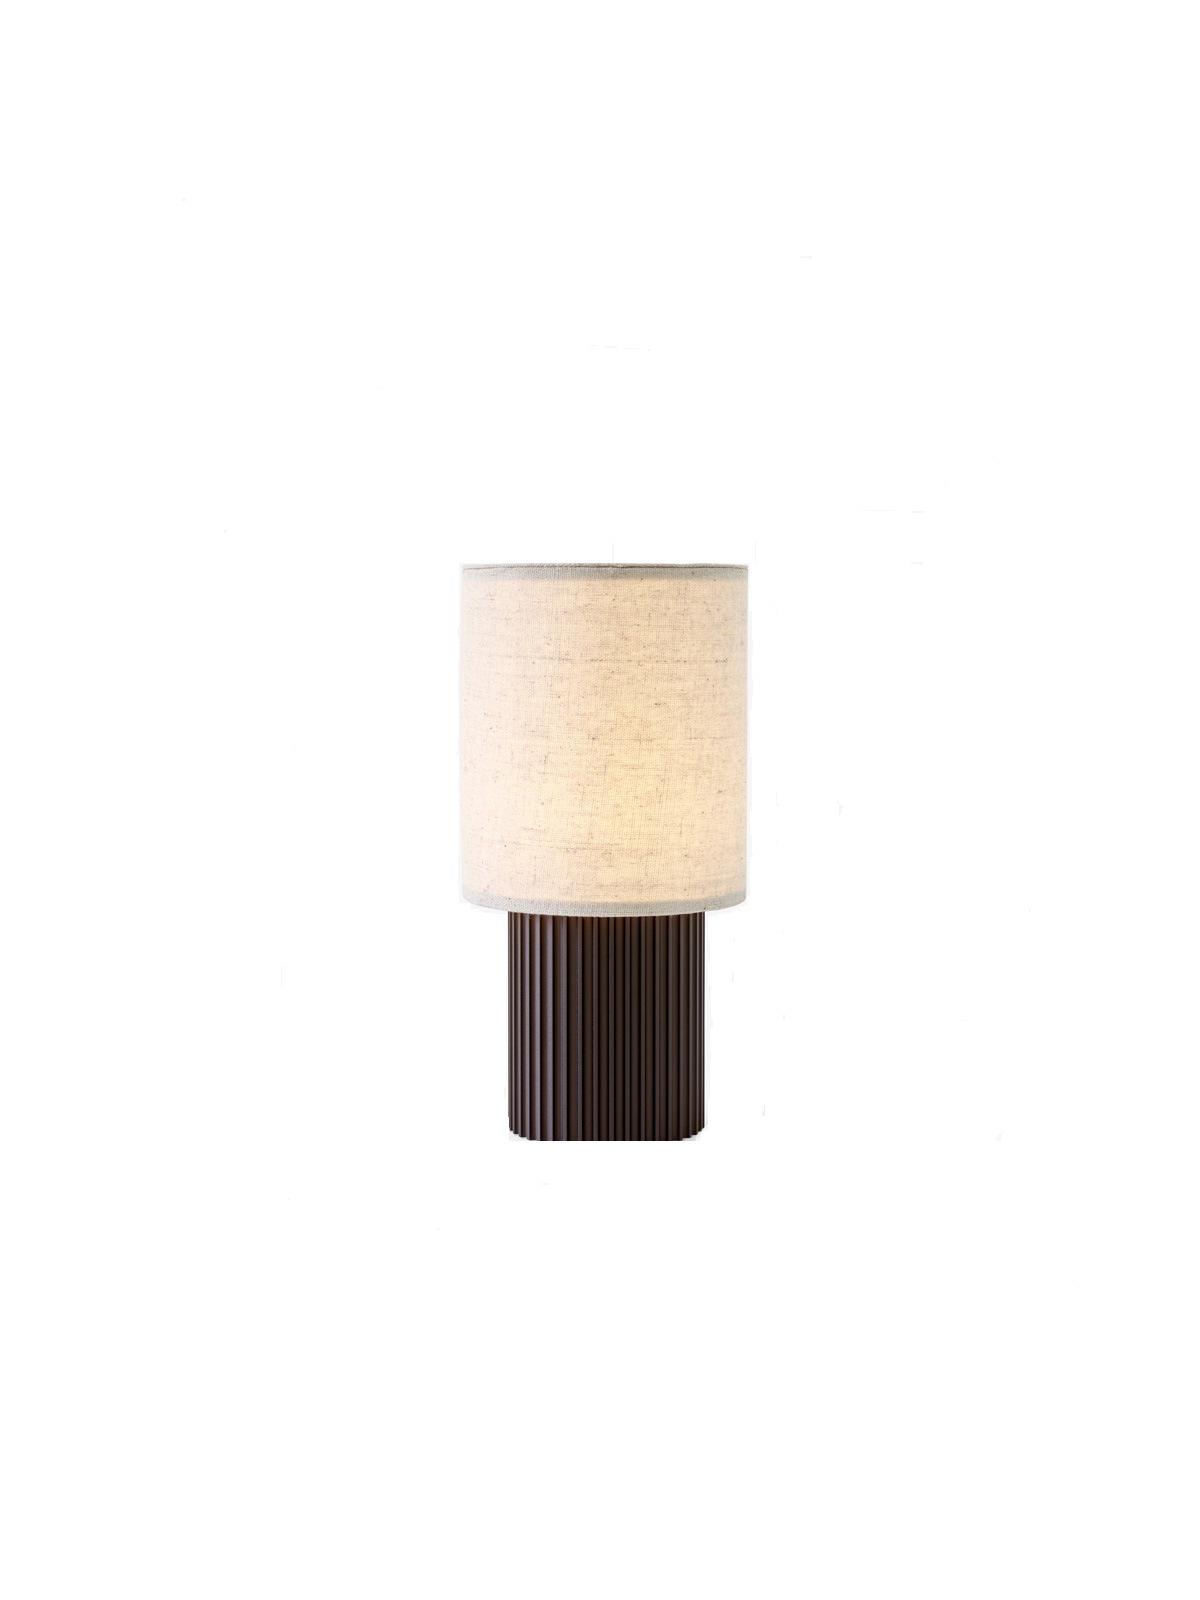 &tradition Manhattan SC52 Akkuleuchte Tischlampe zum Aufladen DesignOrt Onlineshop Lampenladen Prenzlauer Berg Berlin